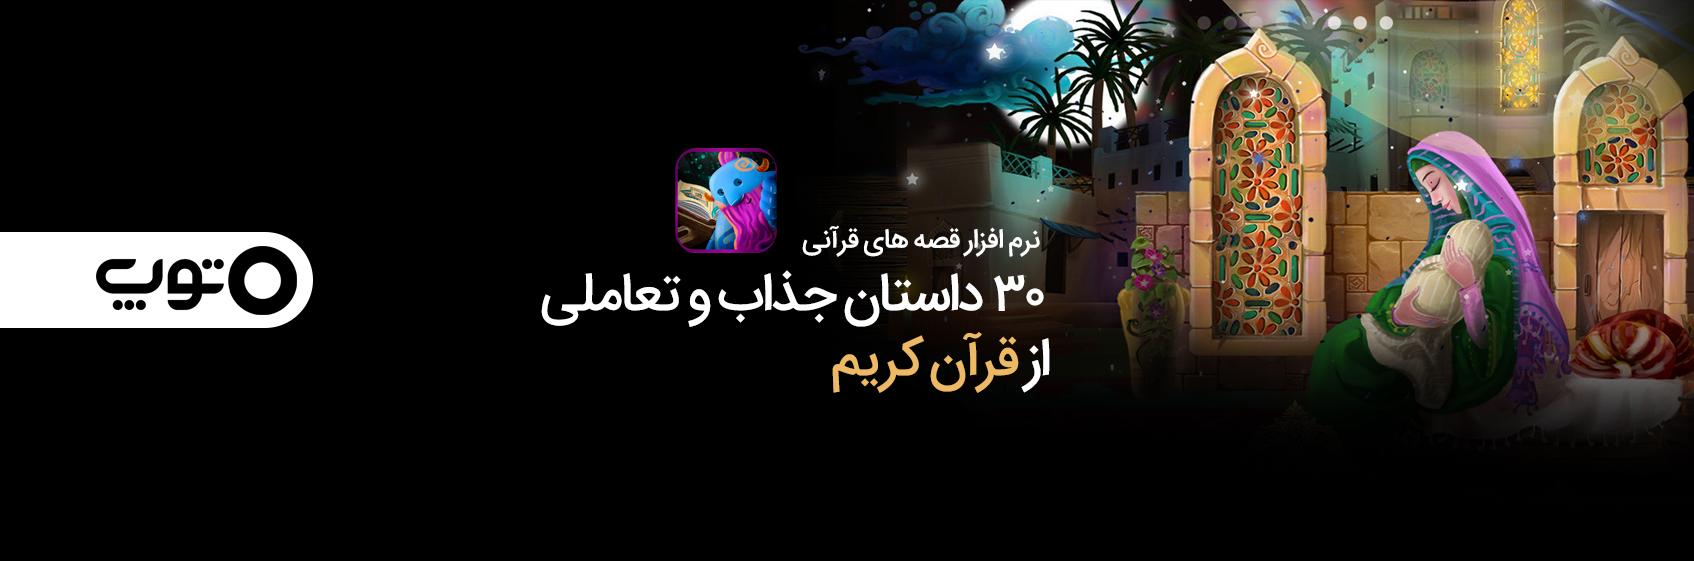 معرفی نرمافزار قصههای قرآنی